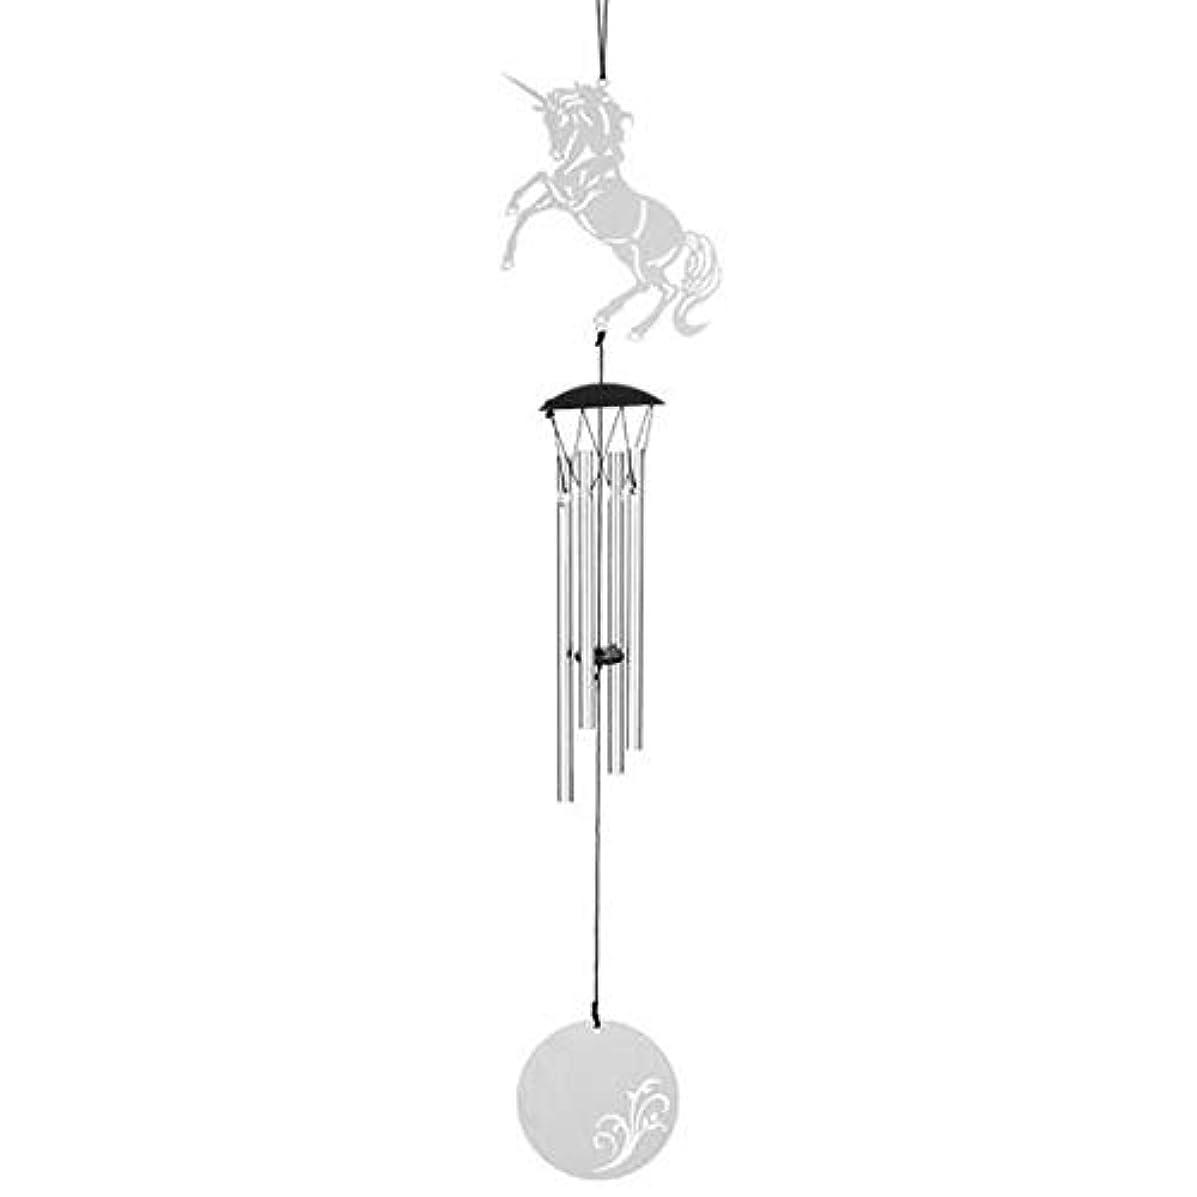 ビル変装感謝Aishanghuayi 風チャイム、メタルクリエイティブ4チューブ風の鐘、シルバー、47.5CMについて全長,ファッションオーナメント (Color : B)